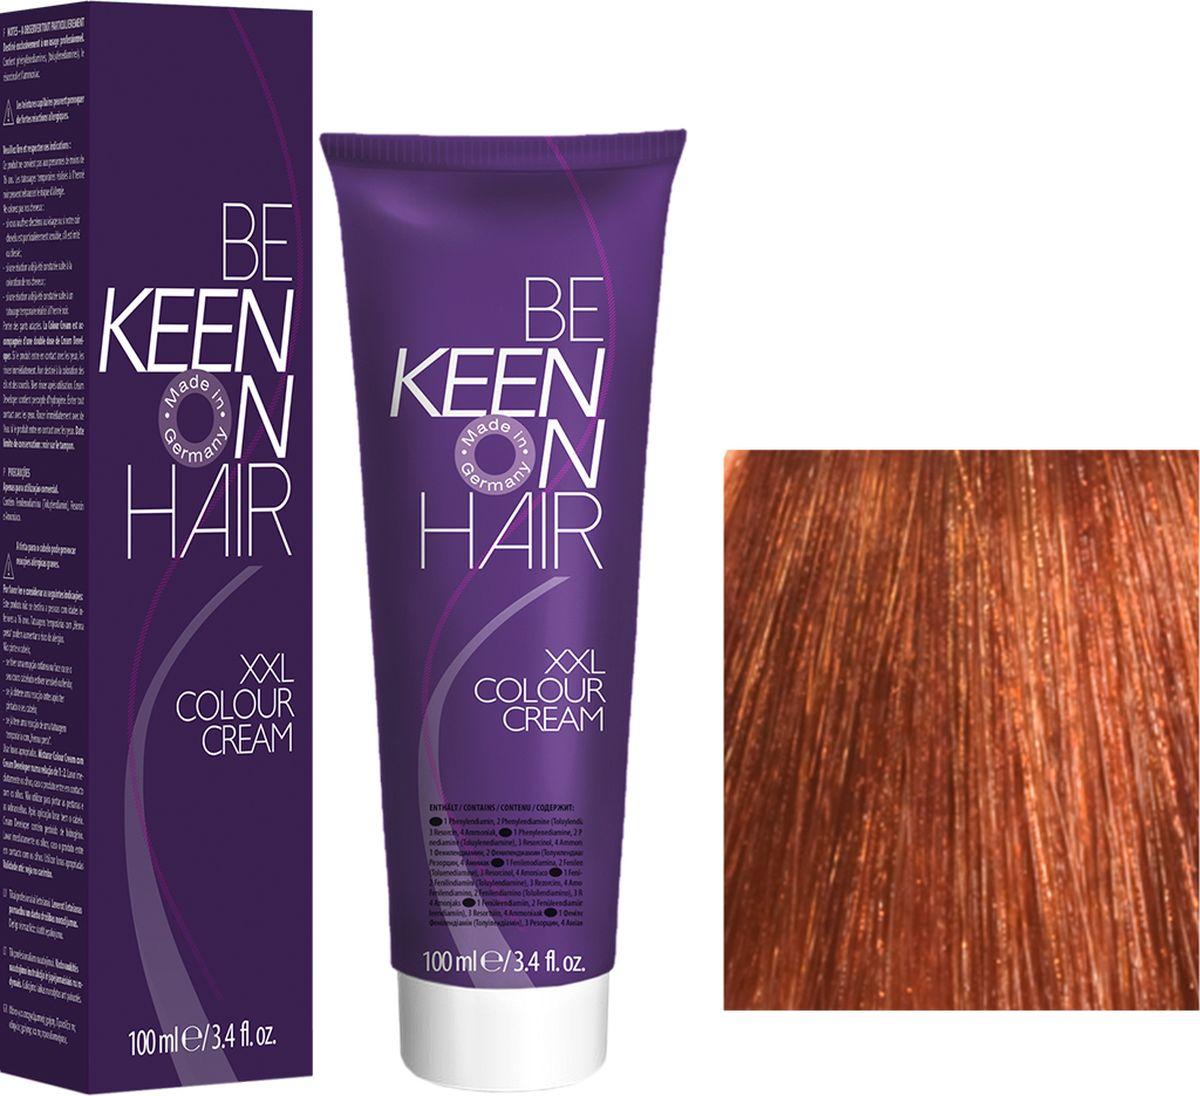 Keen Краска для волос 8.4 Медный блондин Blond Kupfer, 100 мл69100075Модные оттенкиБолее 100 оттенков для креативной комбинации цветов.ЭкономичностьПри использовании тюбика 100 мл вы получаете оптимальное соотношение цены и качества!УходМолочный белок поддерживает структуру волоса во время окрашивания и придает волосам блеск и шелковистость. Протеины хорошо встраиваются в волосы и снабжают их влагой.